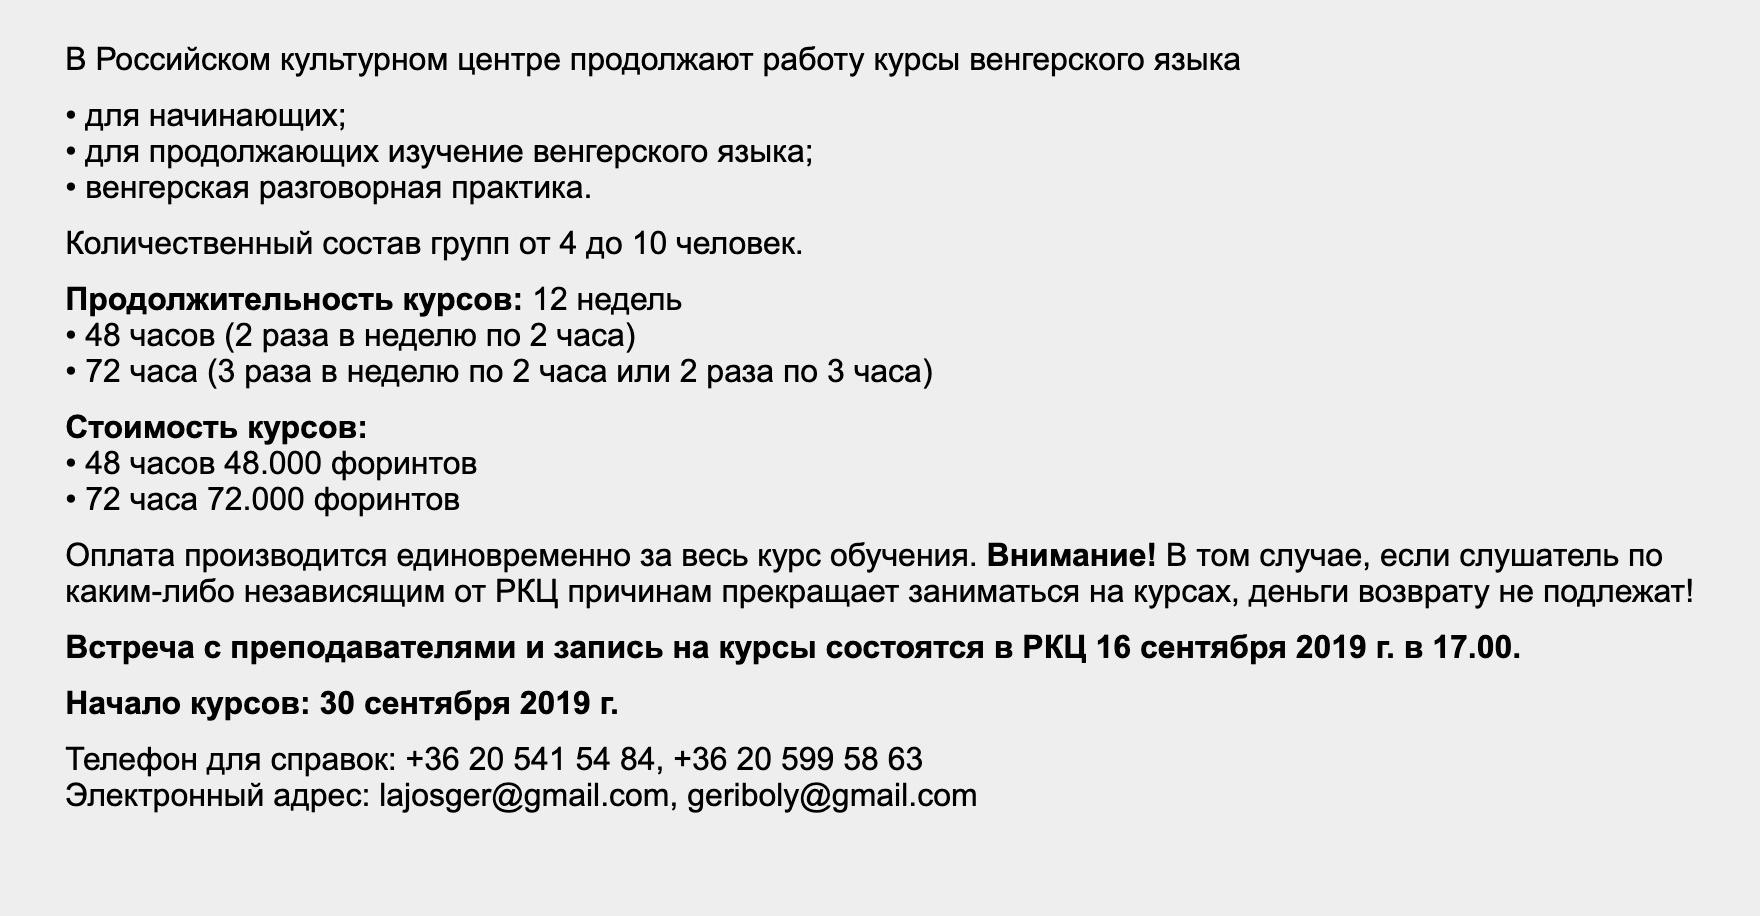 Программа изучения венгерского в Российском культурном центре в Будапеште